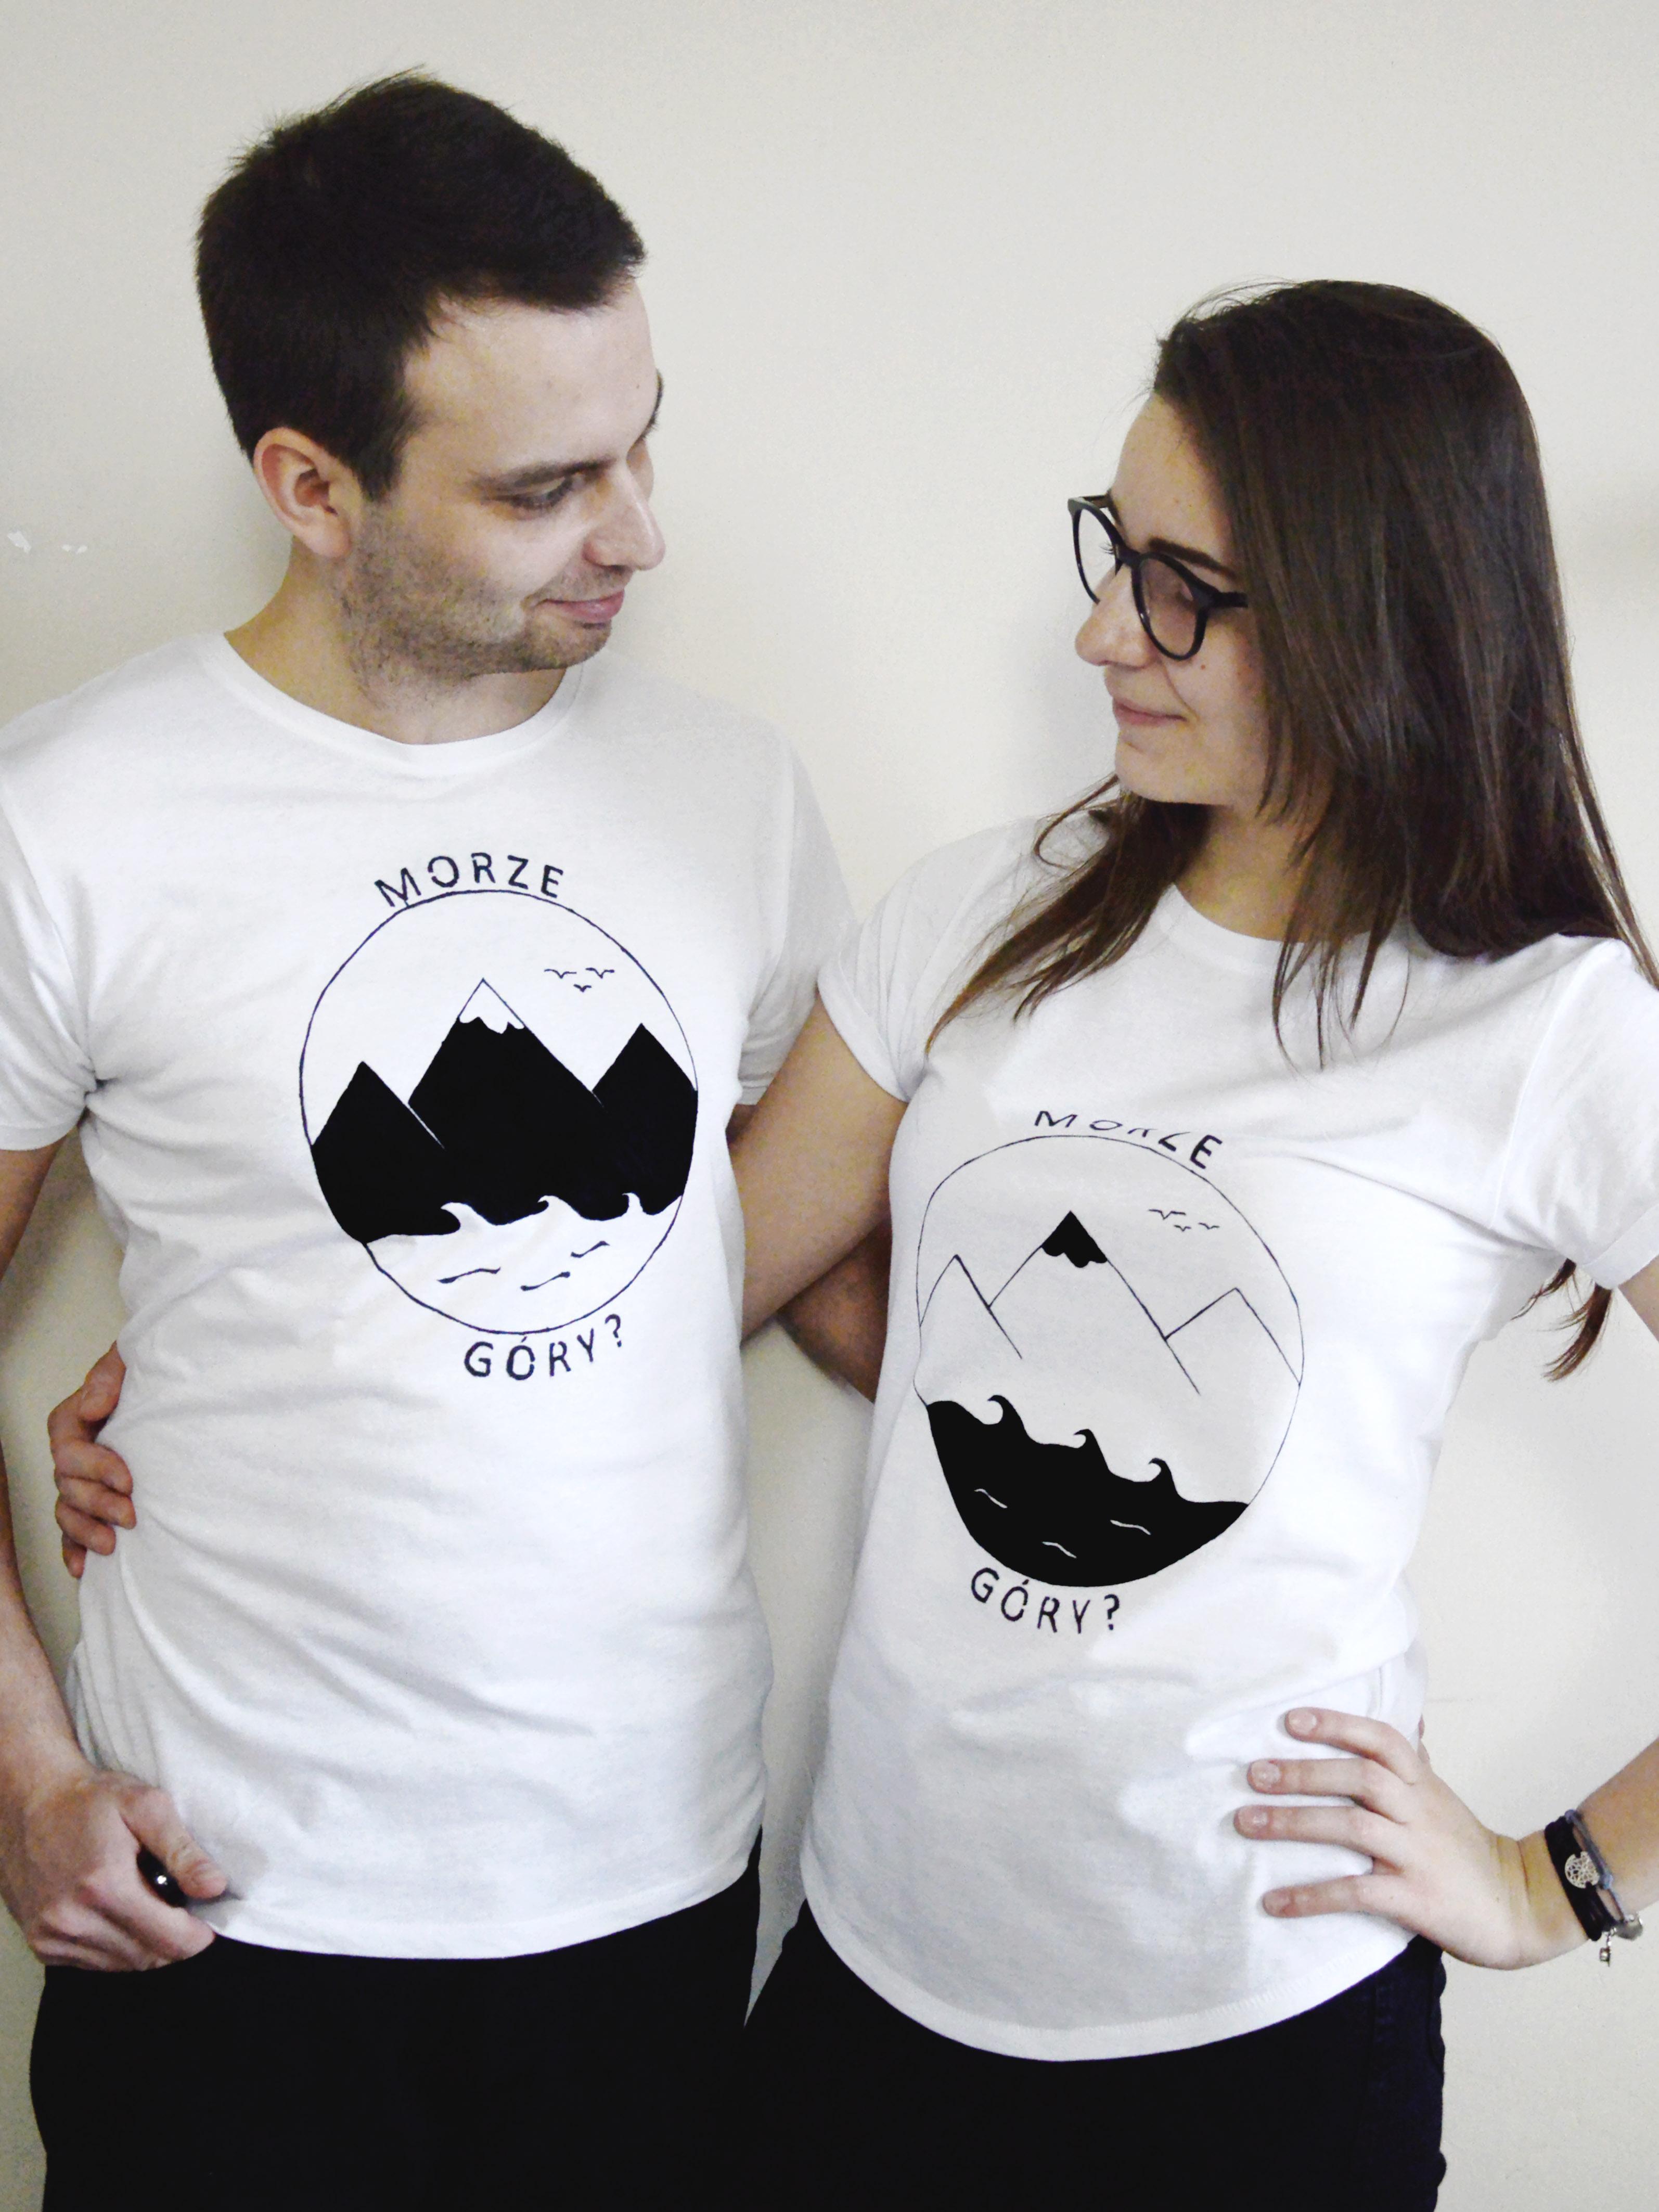 Koszulka handmade z motywem podrózniczym